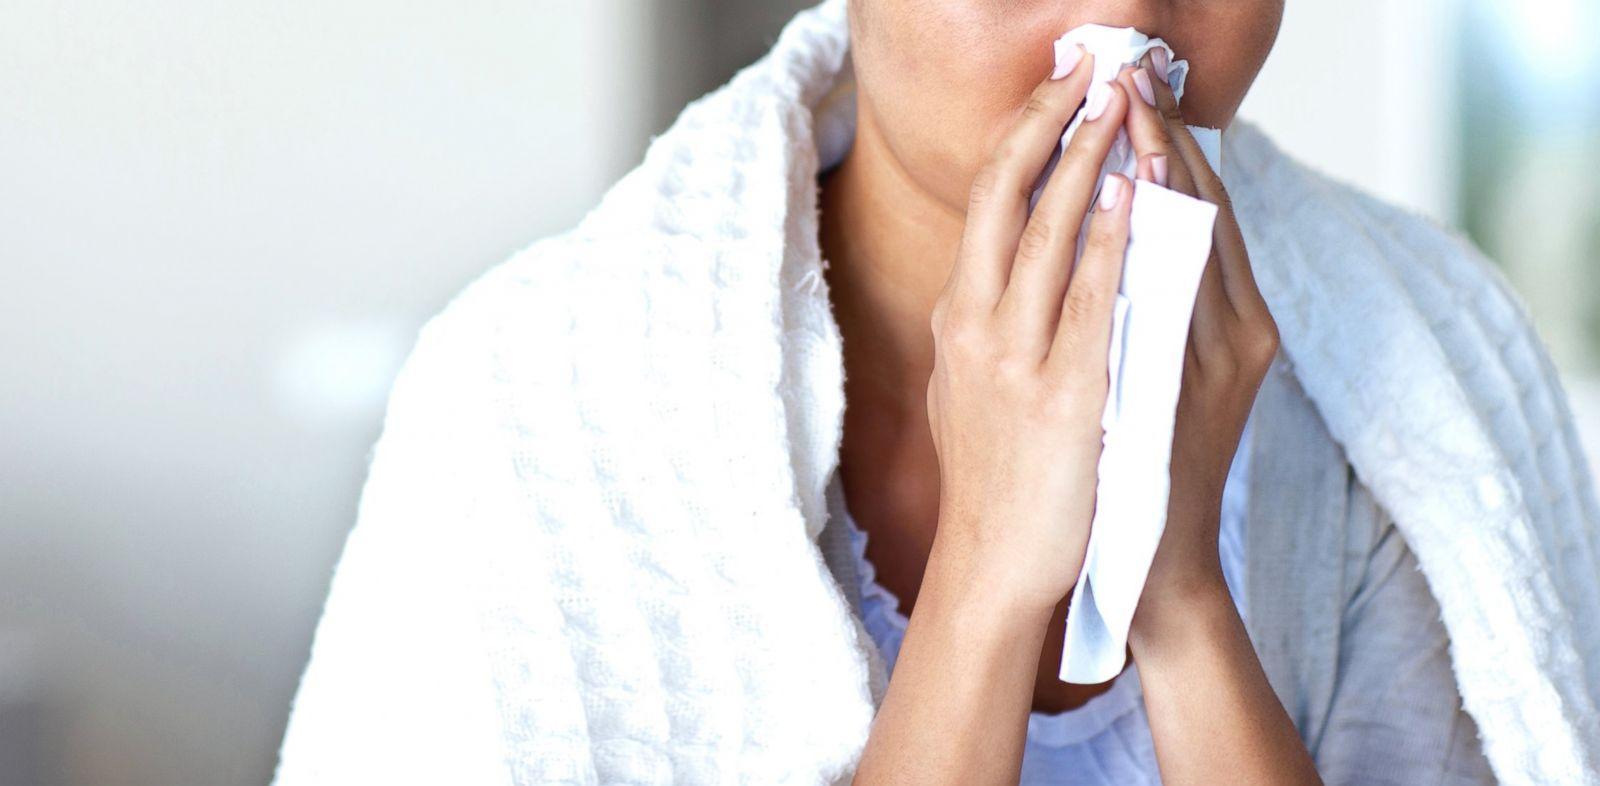 GTY_sneeze_flu_cdc_sk_140110_33x16_1600